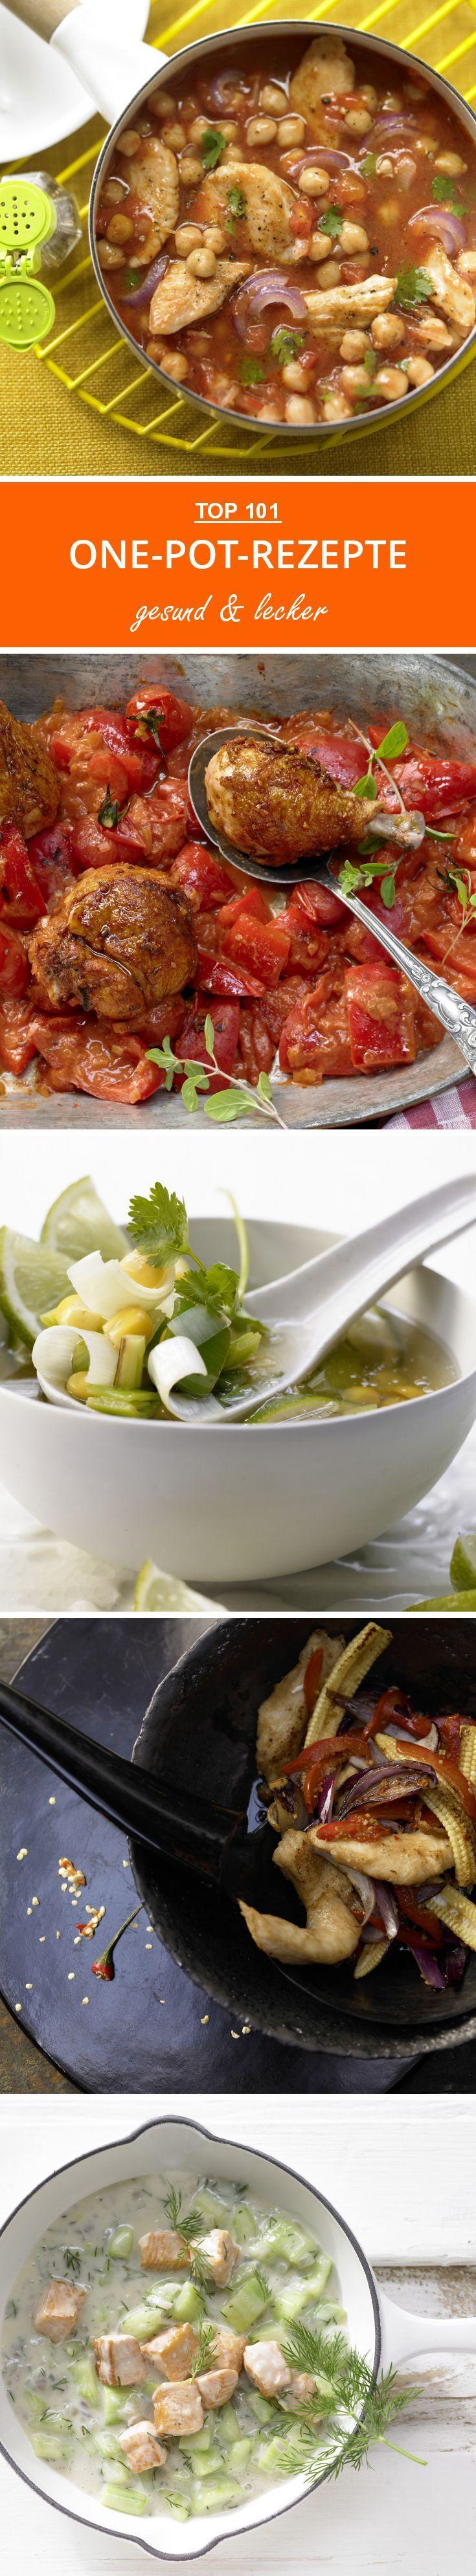 One-Pot-Rezepte   eatsmarter.de